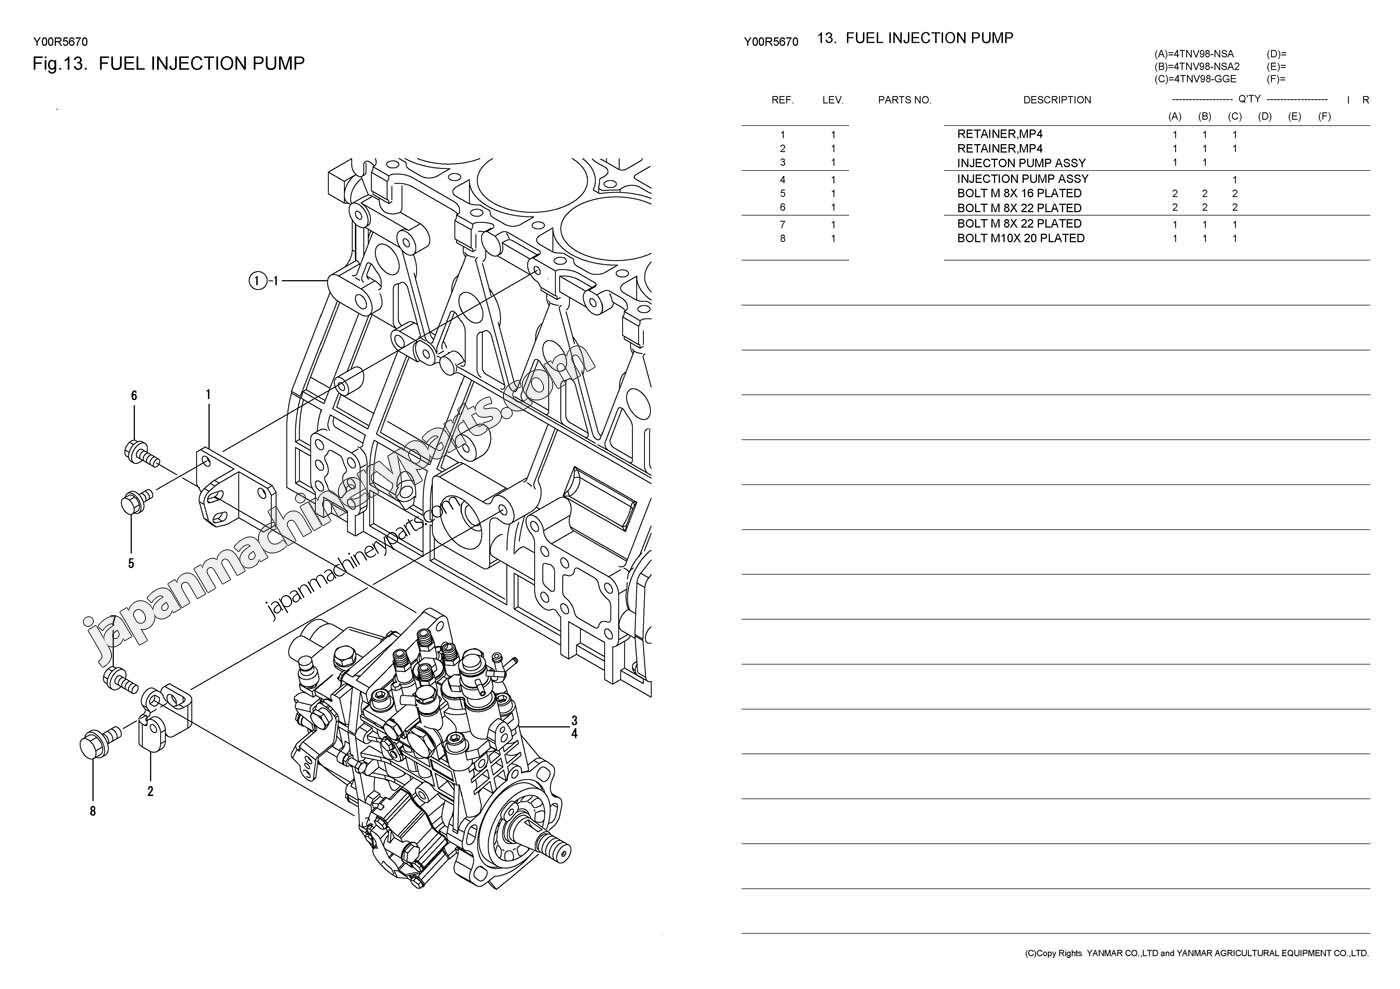 Parts For Yanmar 4tnv98 Nsa2  Gge